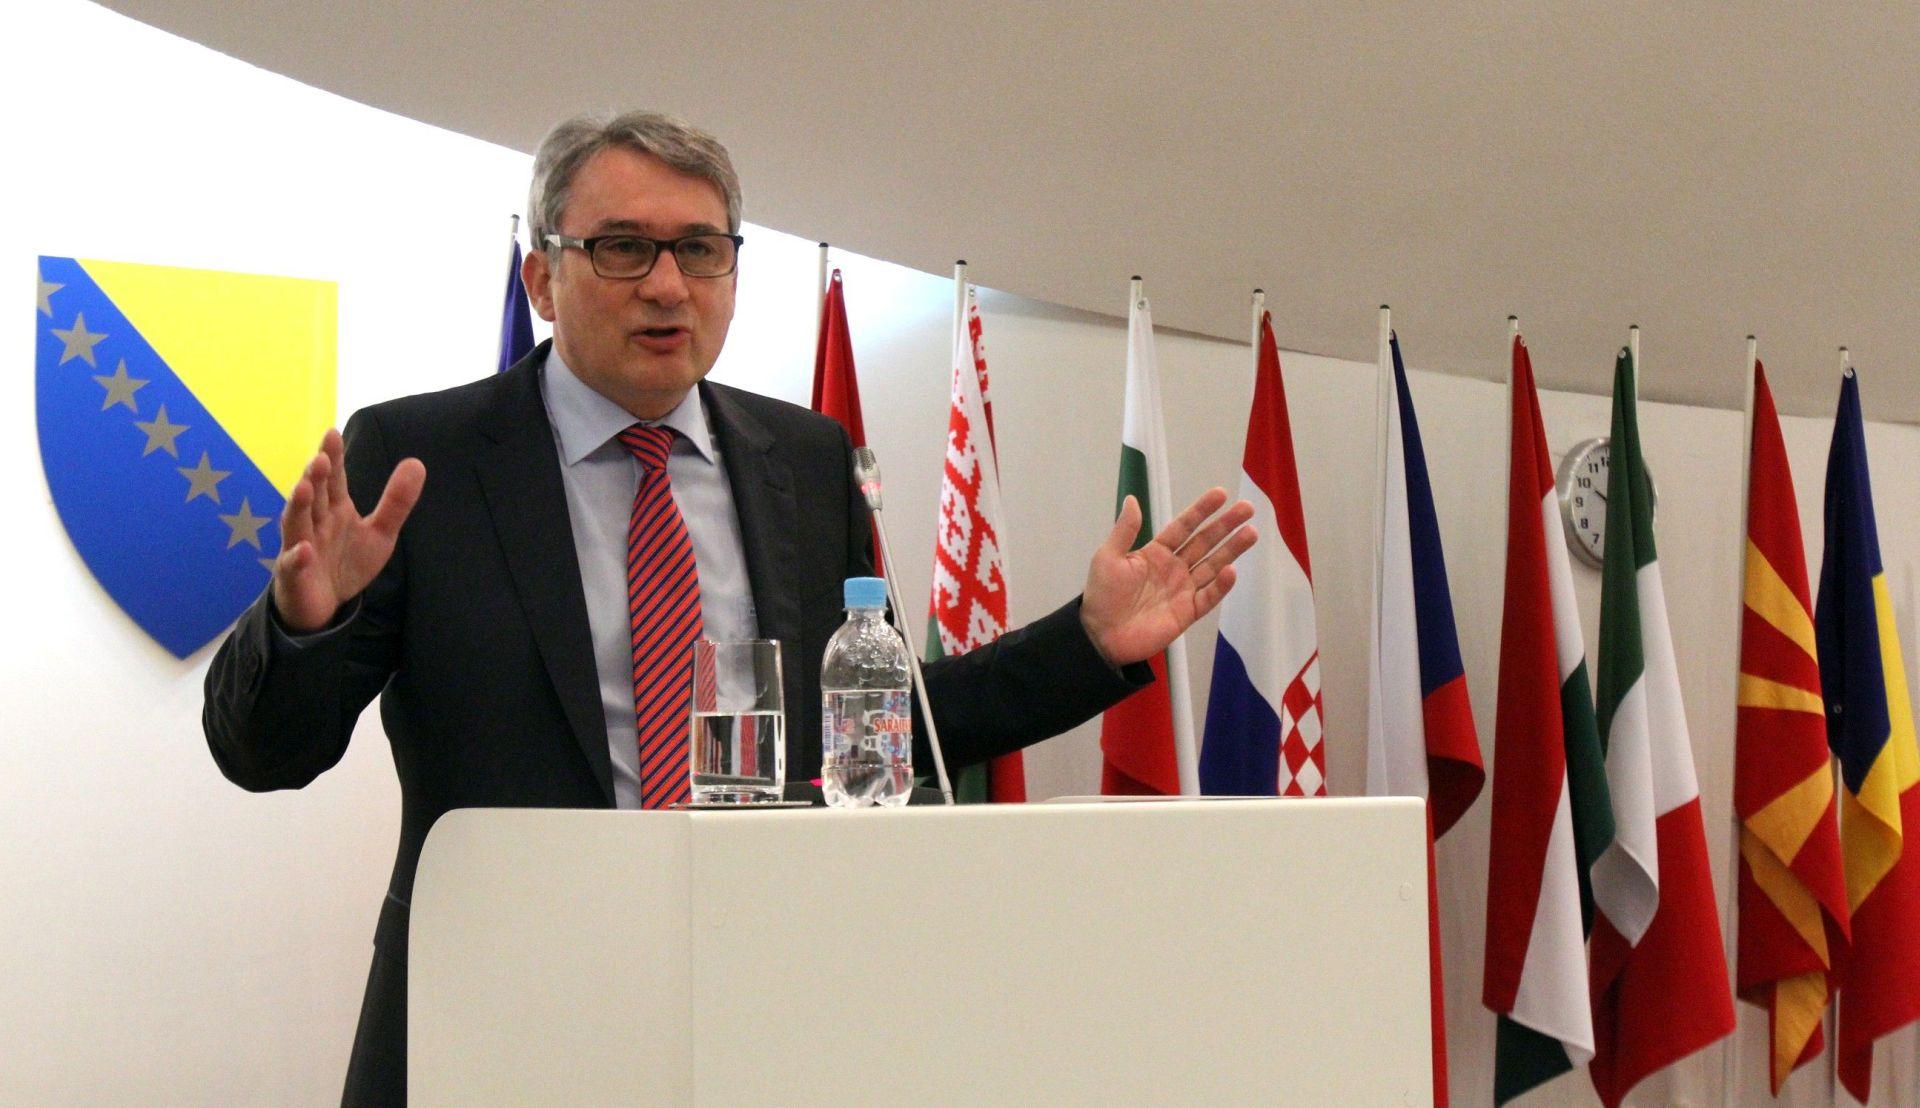 Parlamentarni odbor SEI: Poziv na potporu europskim integracijama